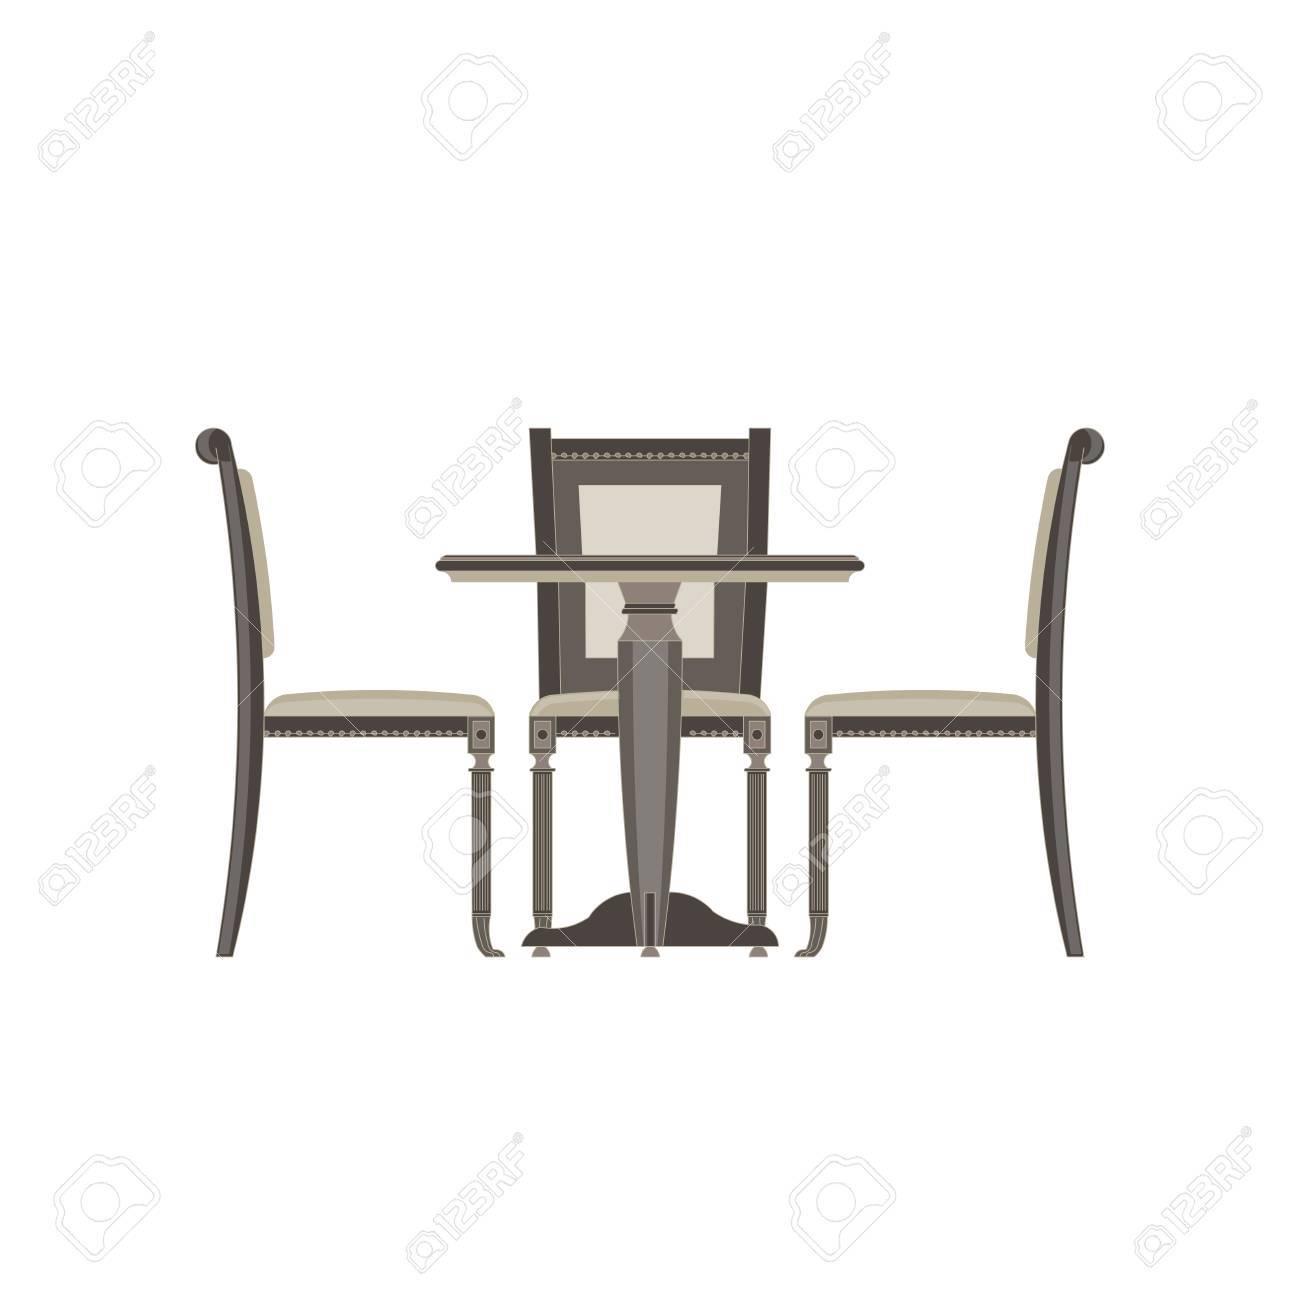 Icone De Vecteur Table Chaise Deux Plat Isole Illustration Vue